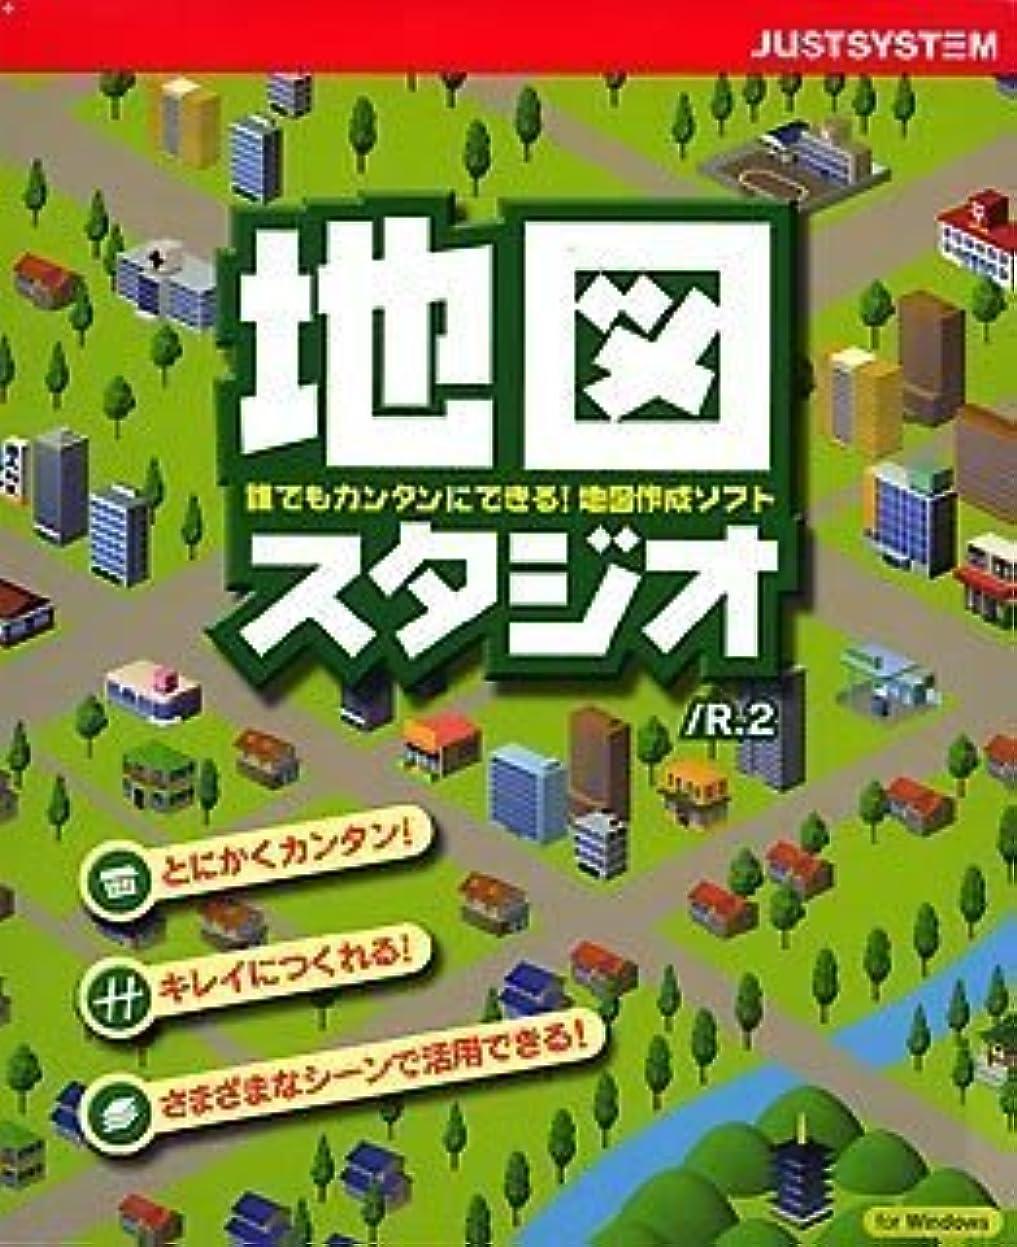 乱暴な祈りに負ける地図スタジオ R.2 for Windows CD-ROM